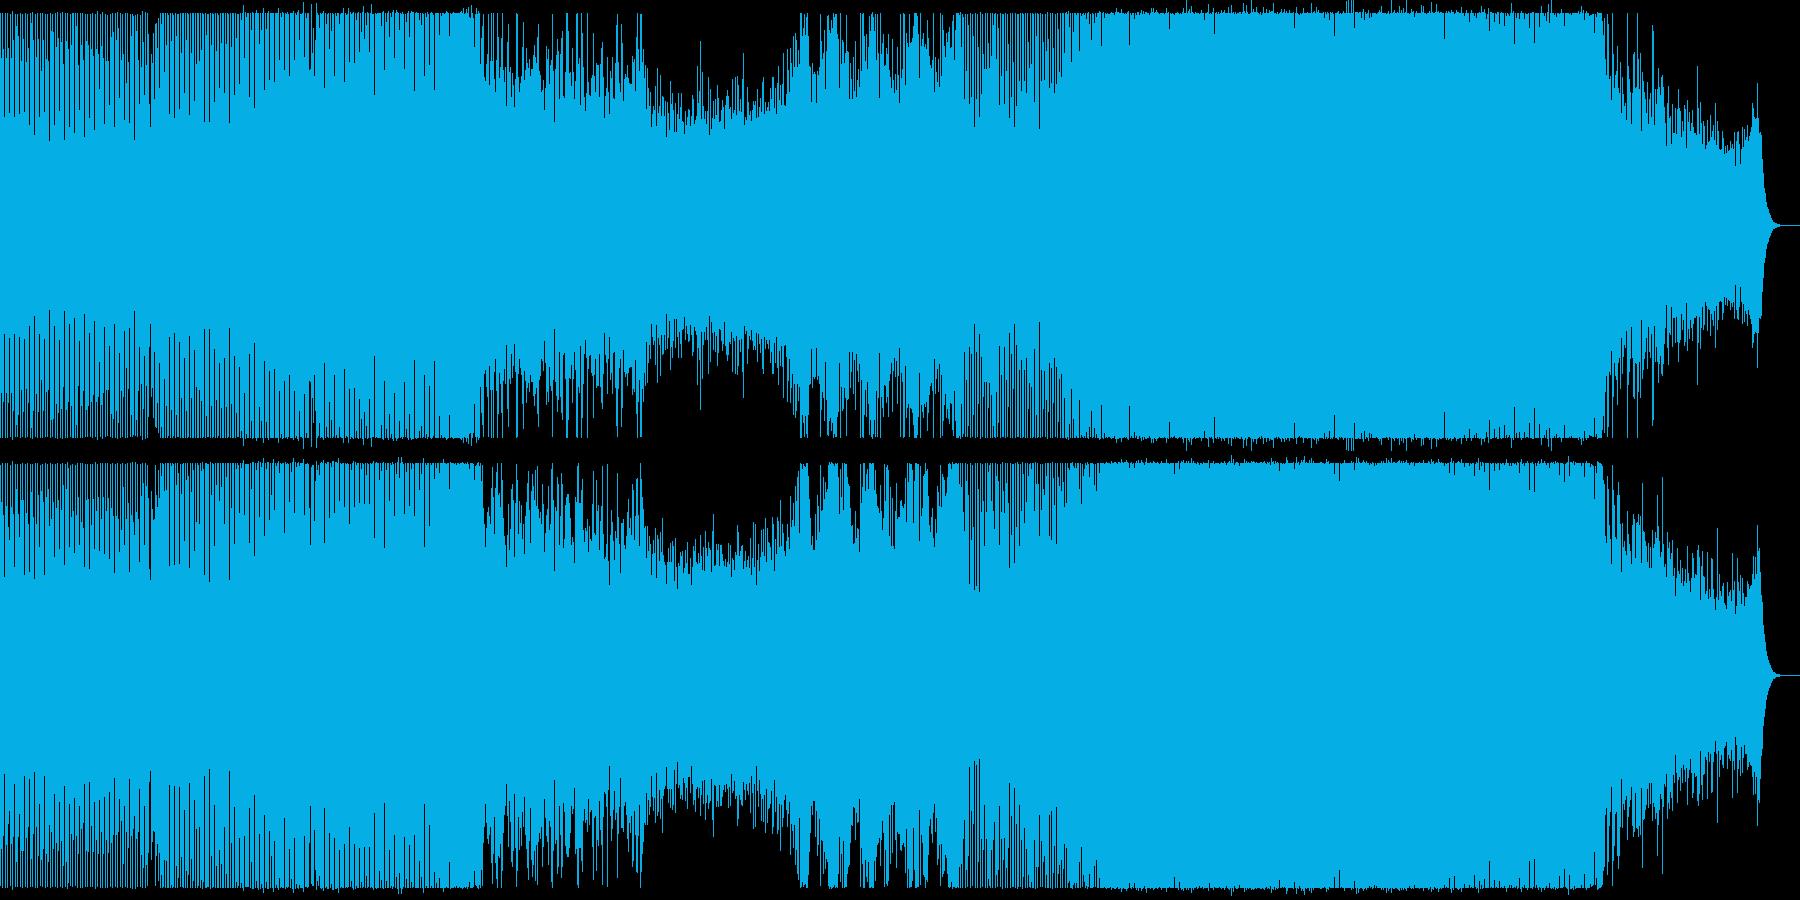 爽やかでゆったりなプログレッシブハウス。の再生済みの波形